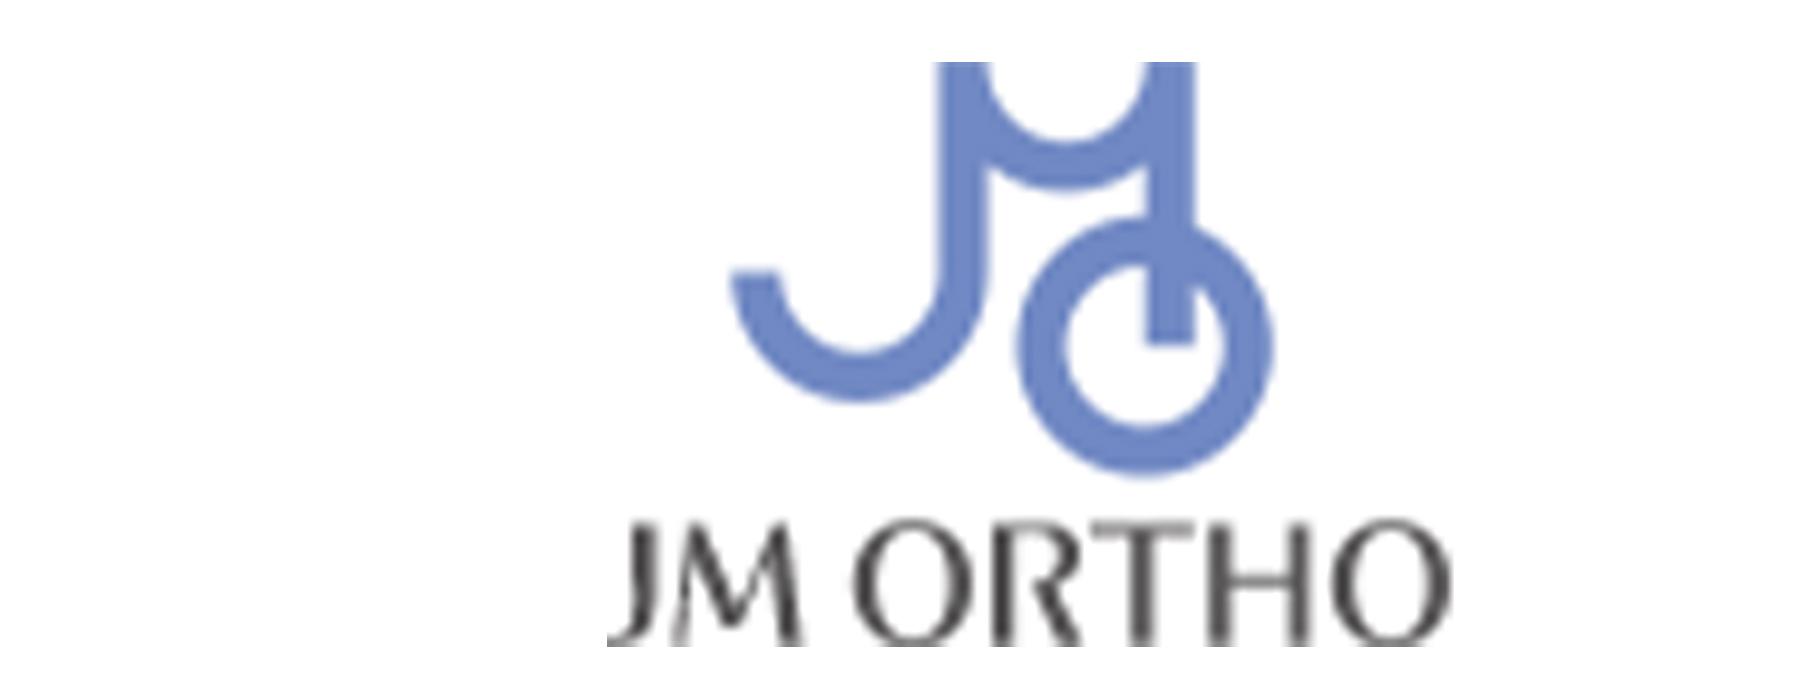 株式会社JM Ortho